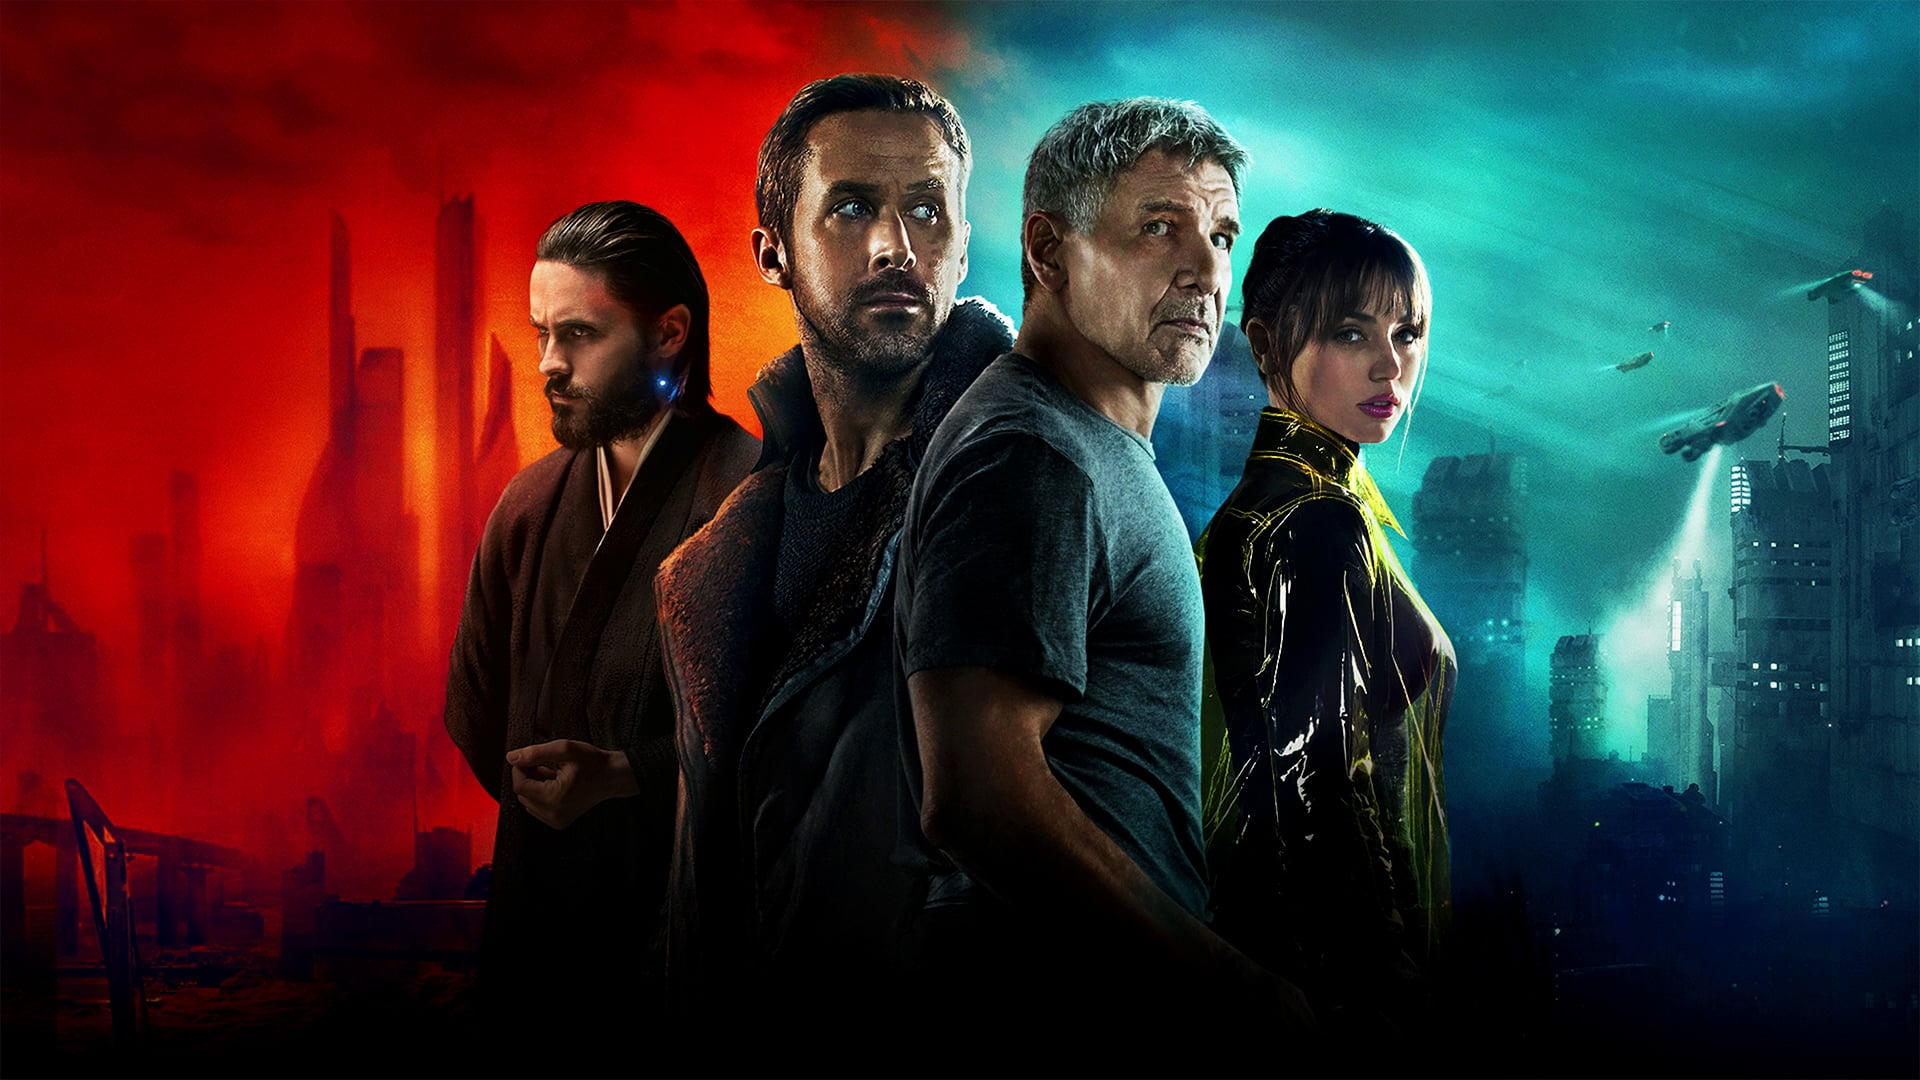 Movies Like Blade Runner